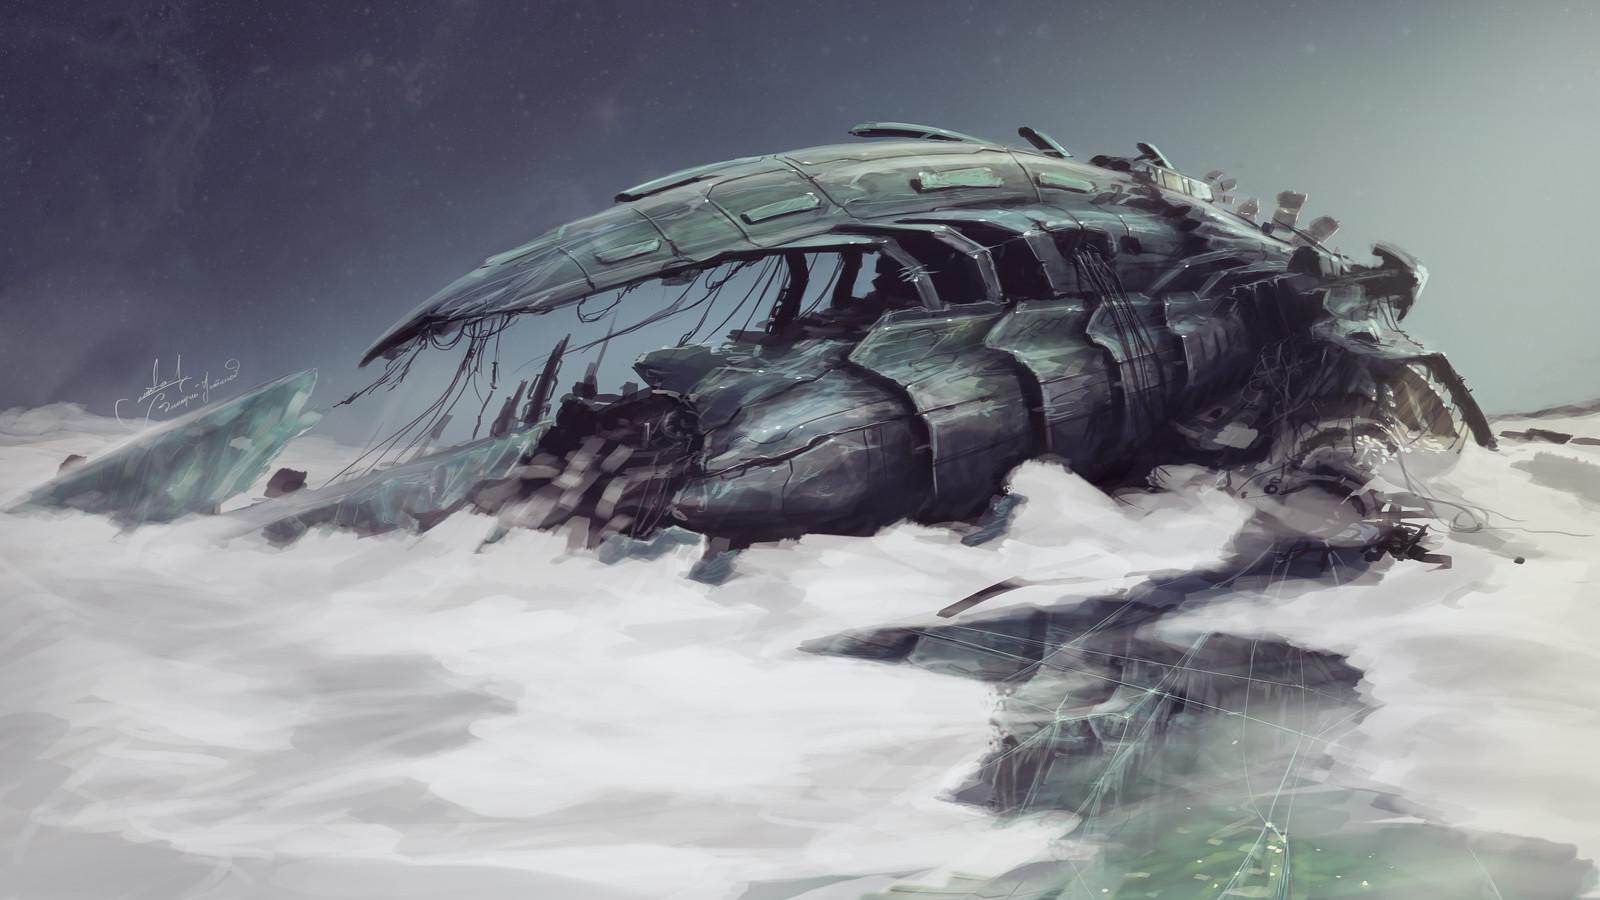 Crashed alien ship